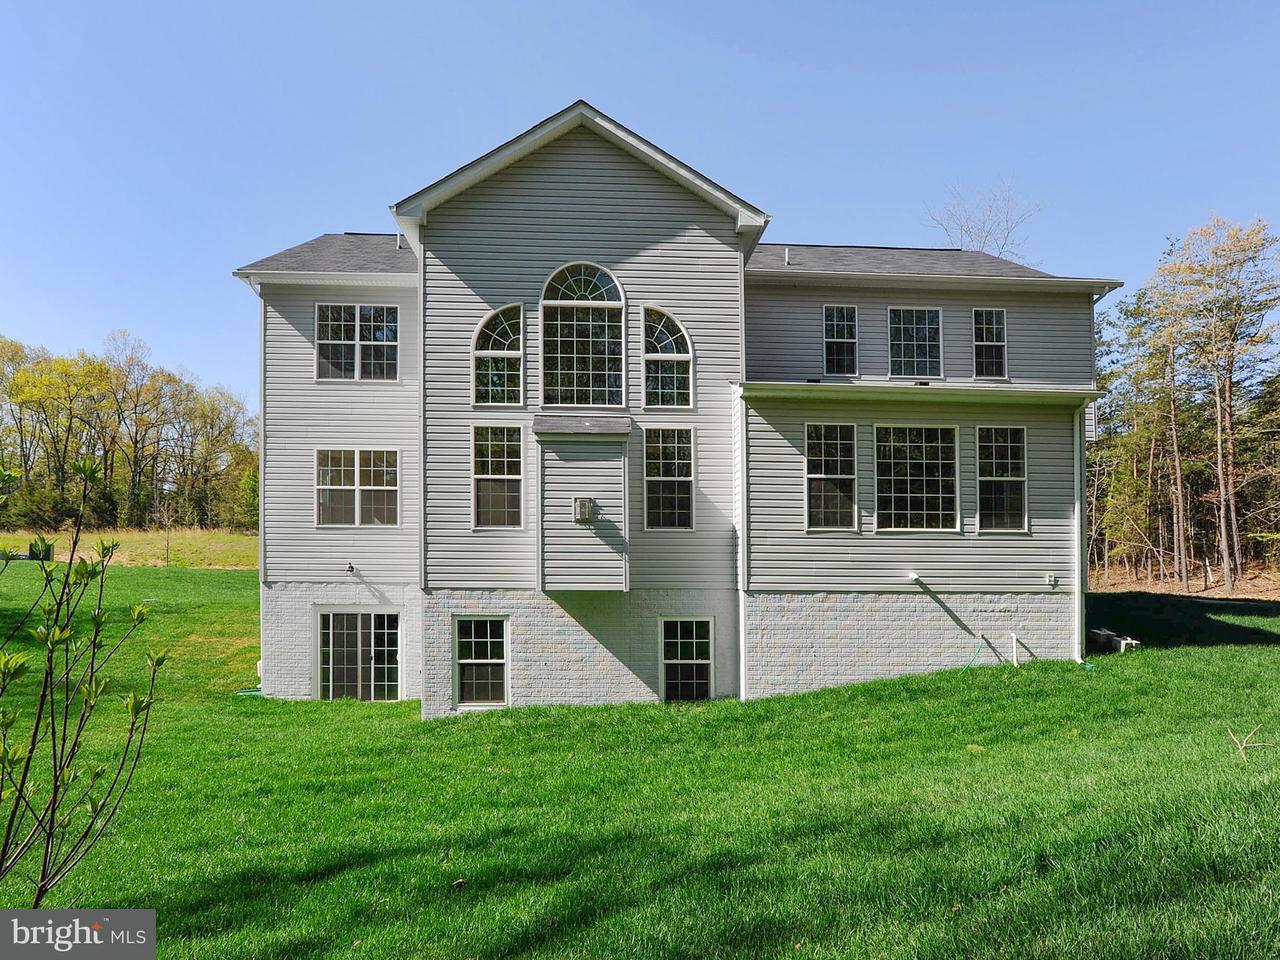 Частный односемейный дом для того Продажа на 15600 TAYLERTON Lane 15600 TAYLERTON Lane Brandywine, Мэриленд 20613 Соединенные Штаты